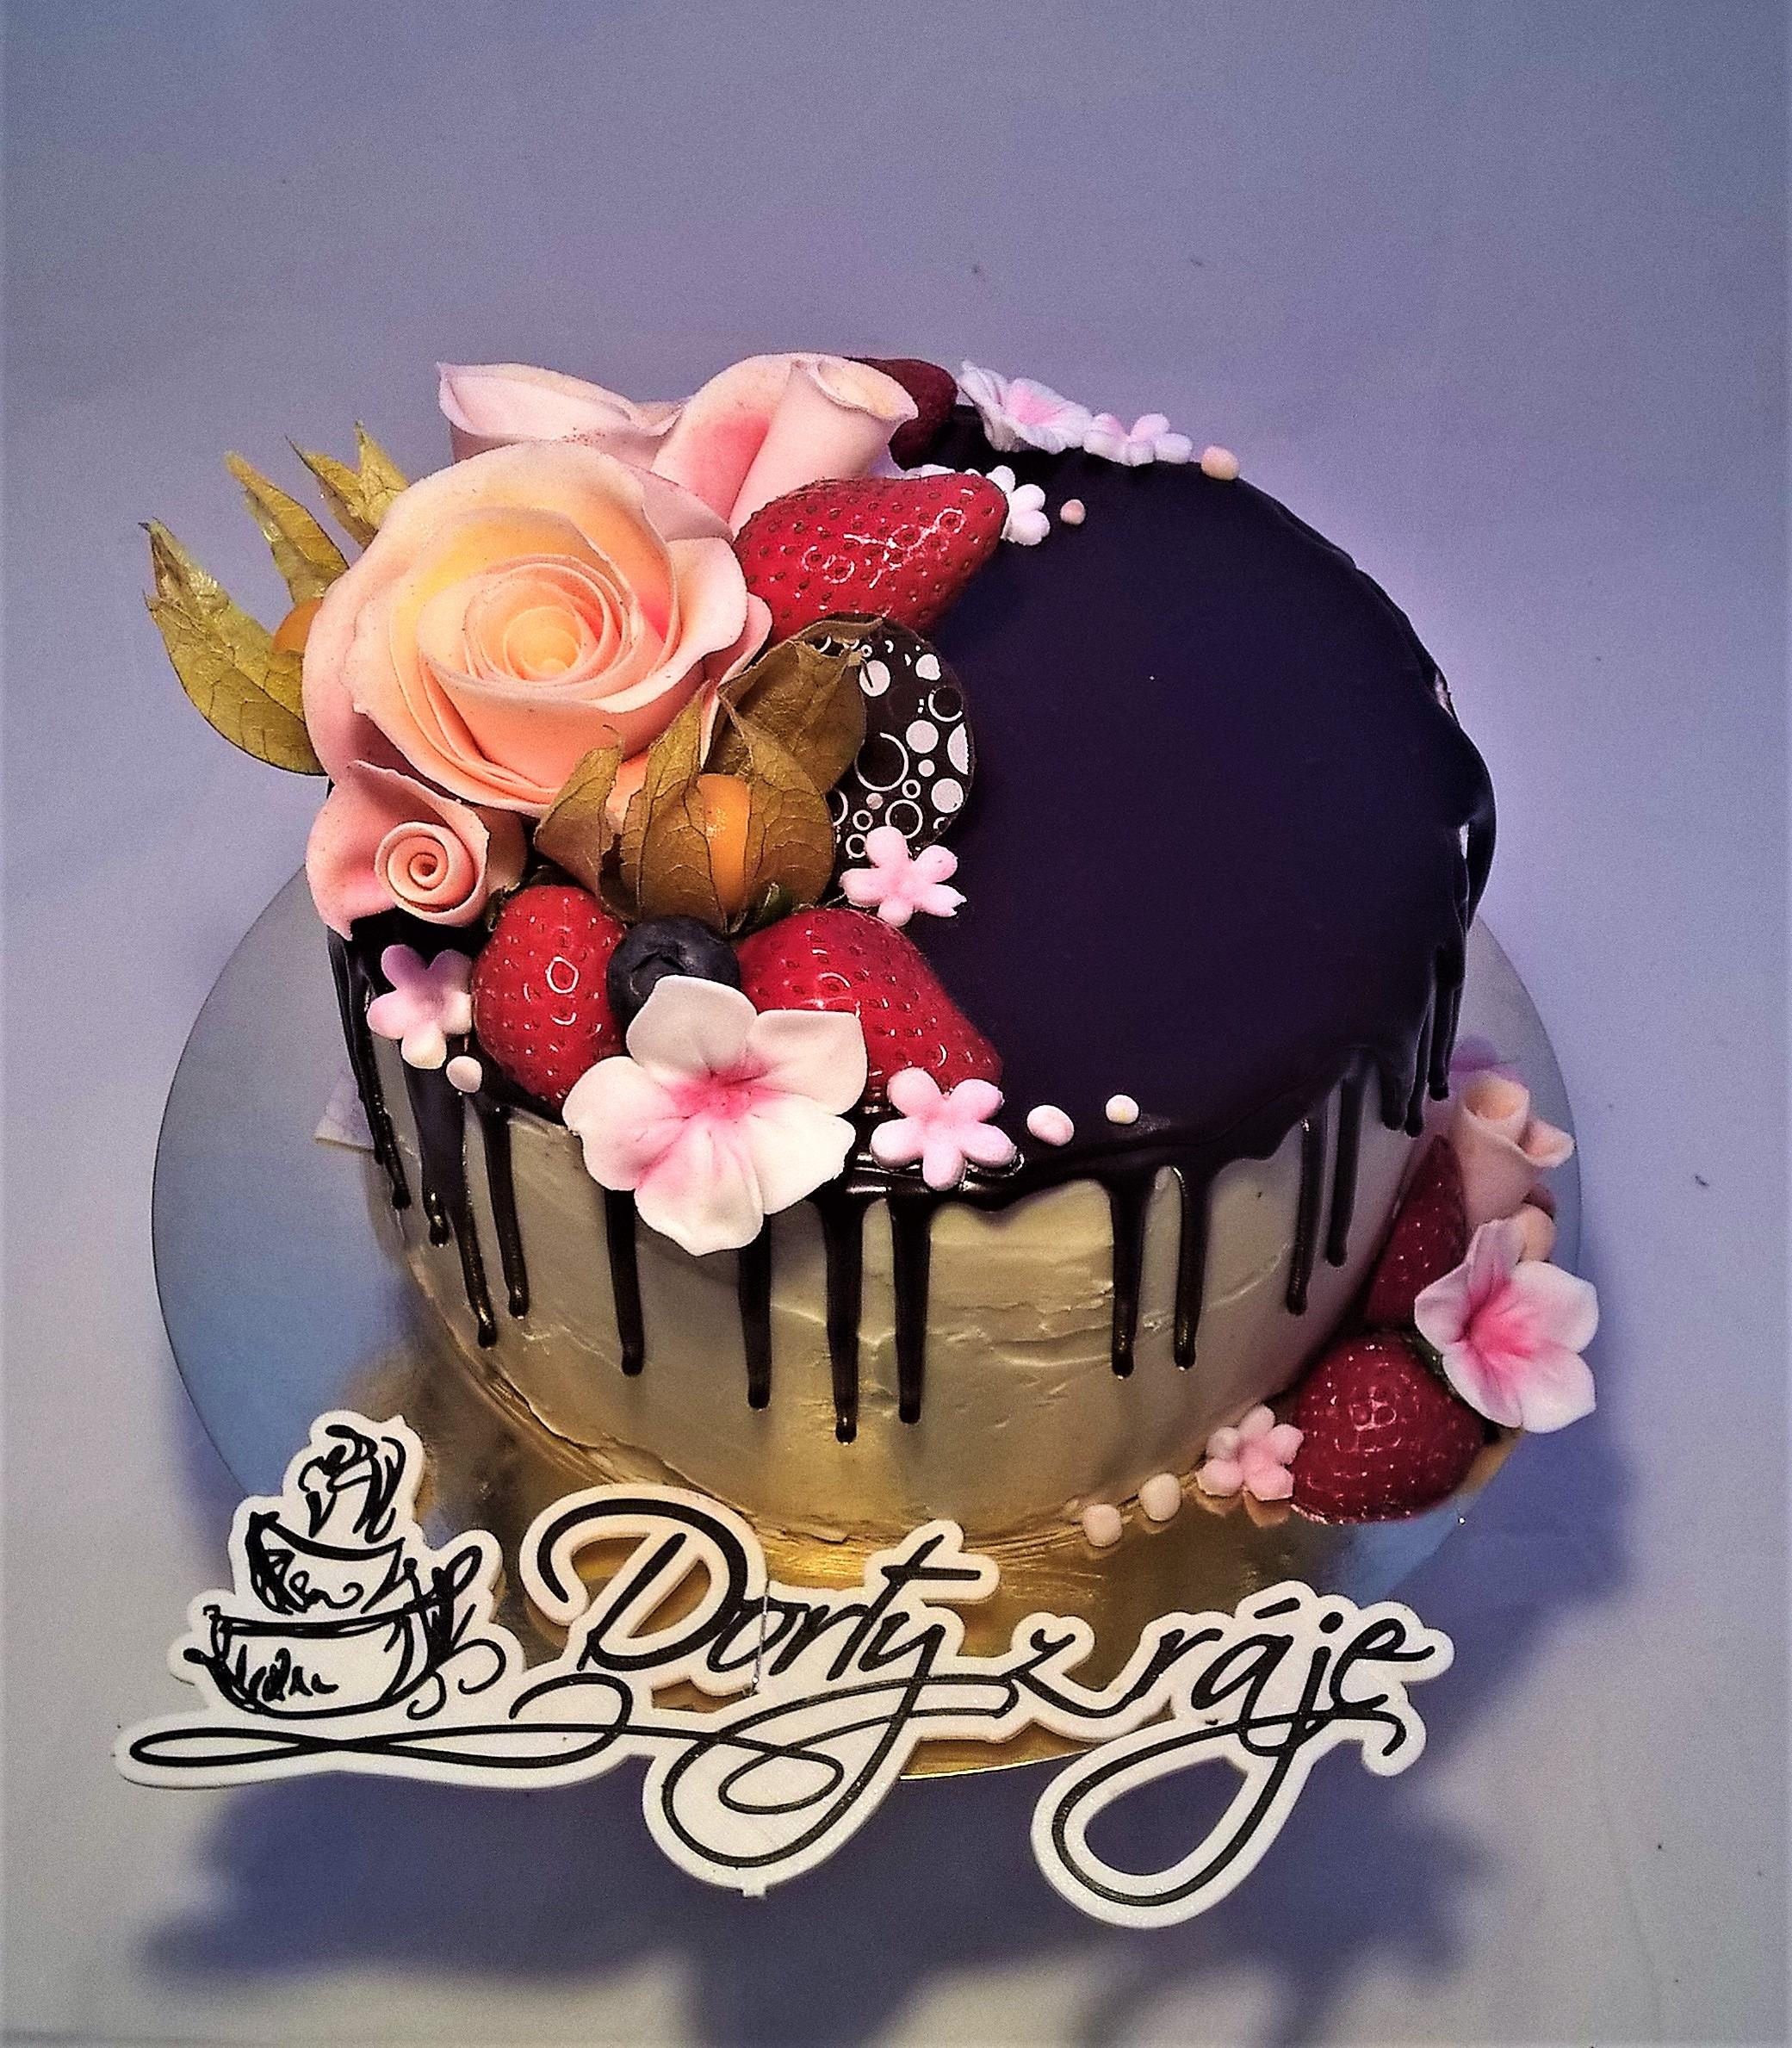 DORTY - Birthday 2